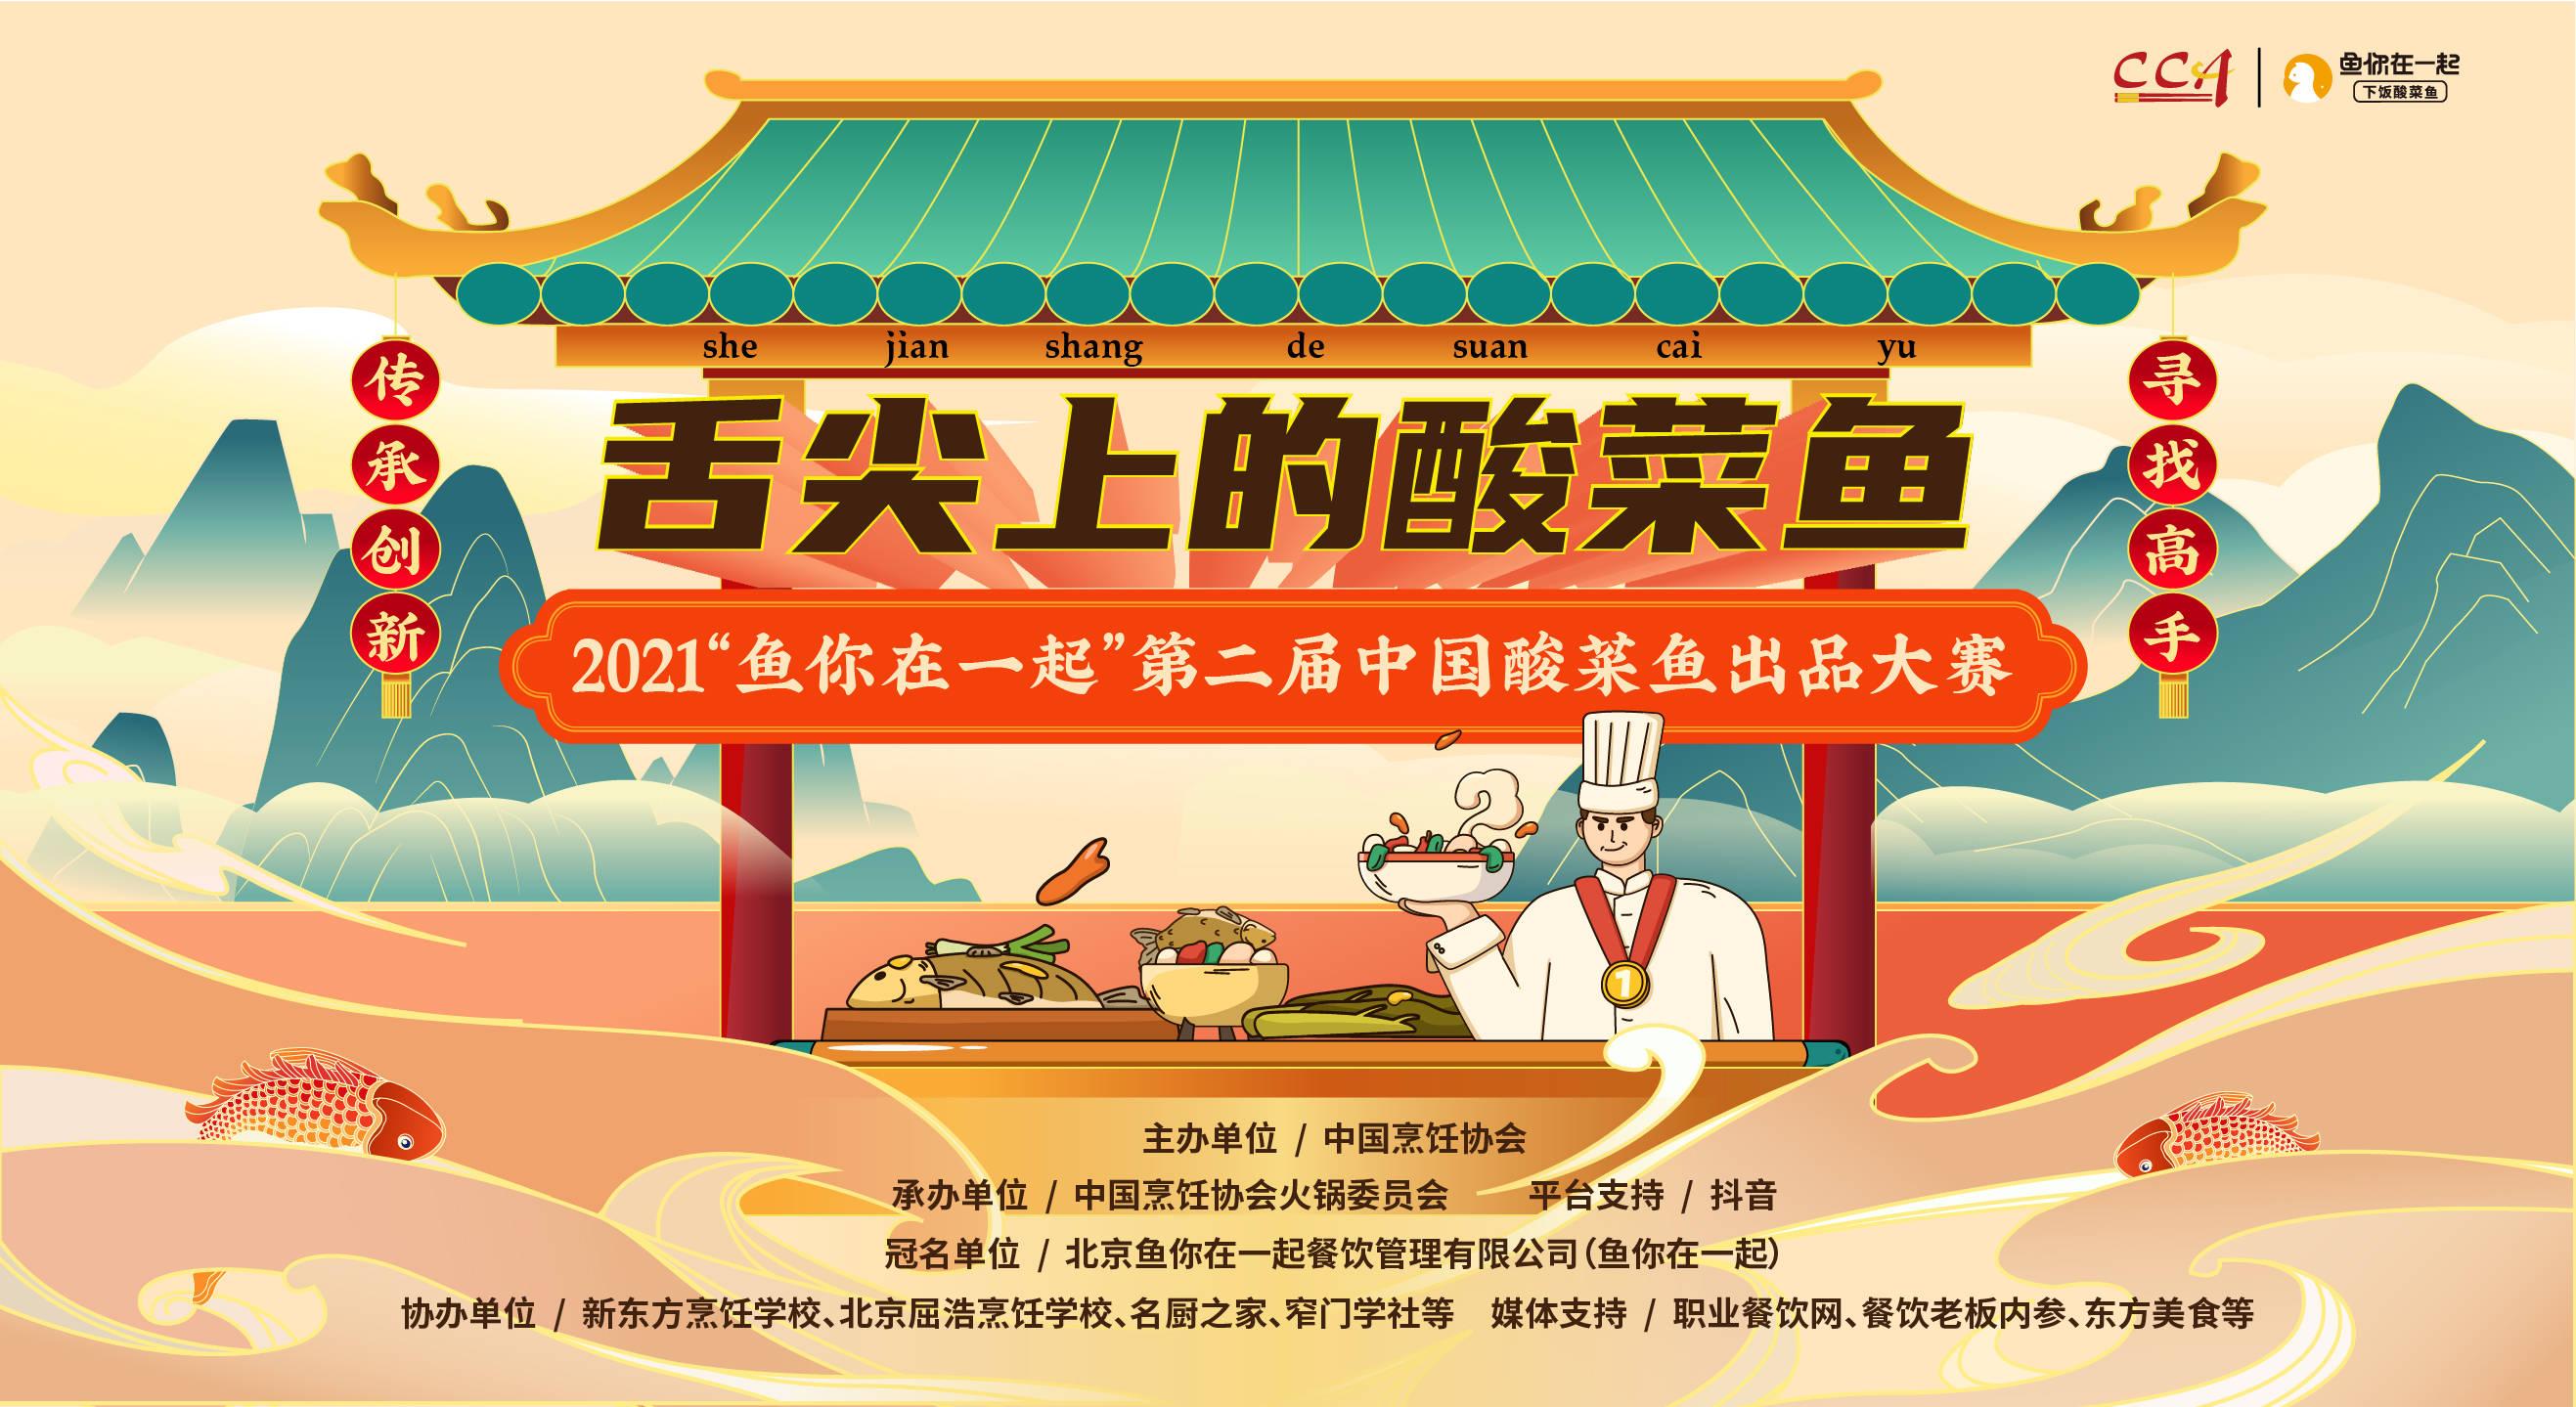 上抖音寻味「舌尖上的酸菜鱼」,中烹协2021第二届酸菜鱼大赛启动